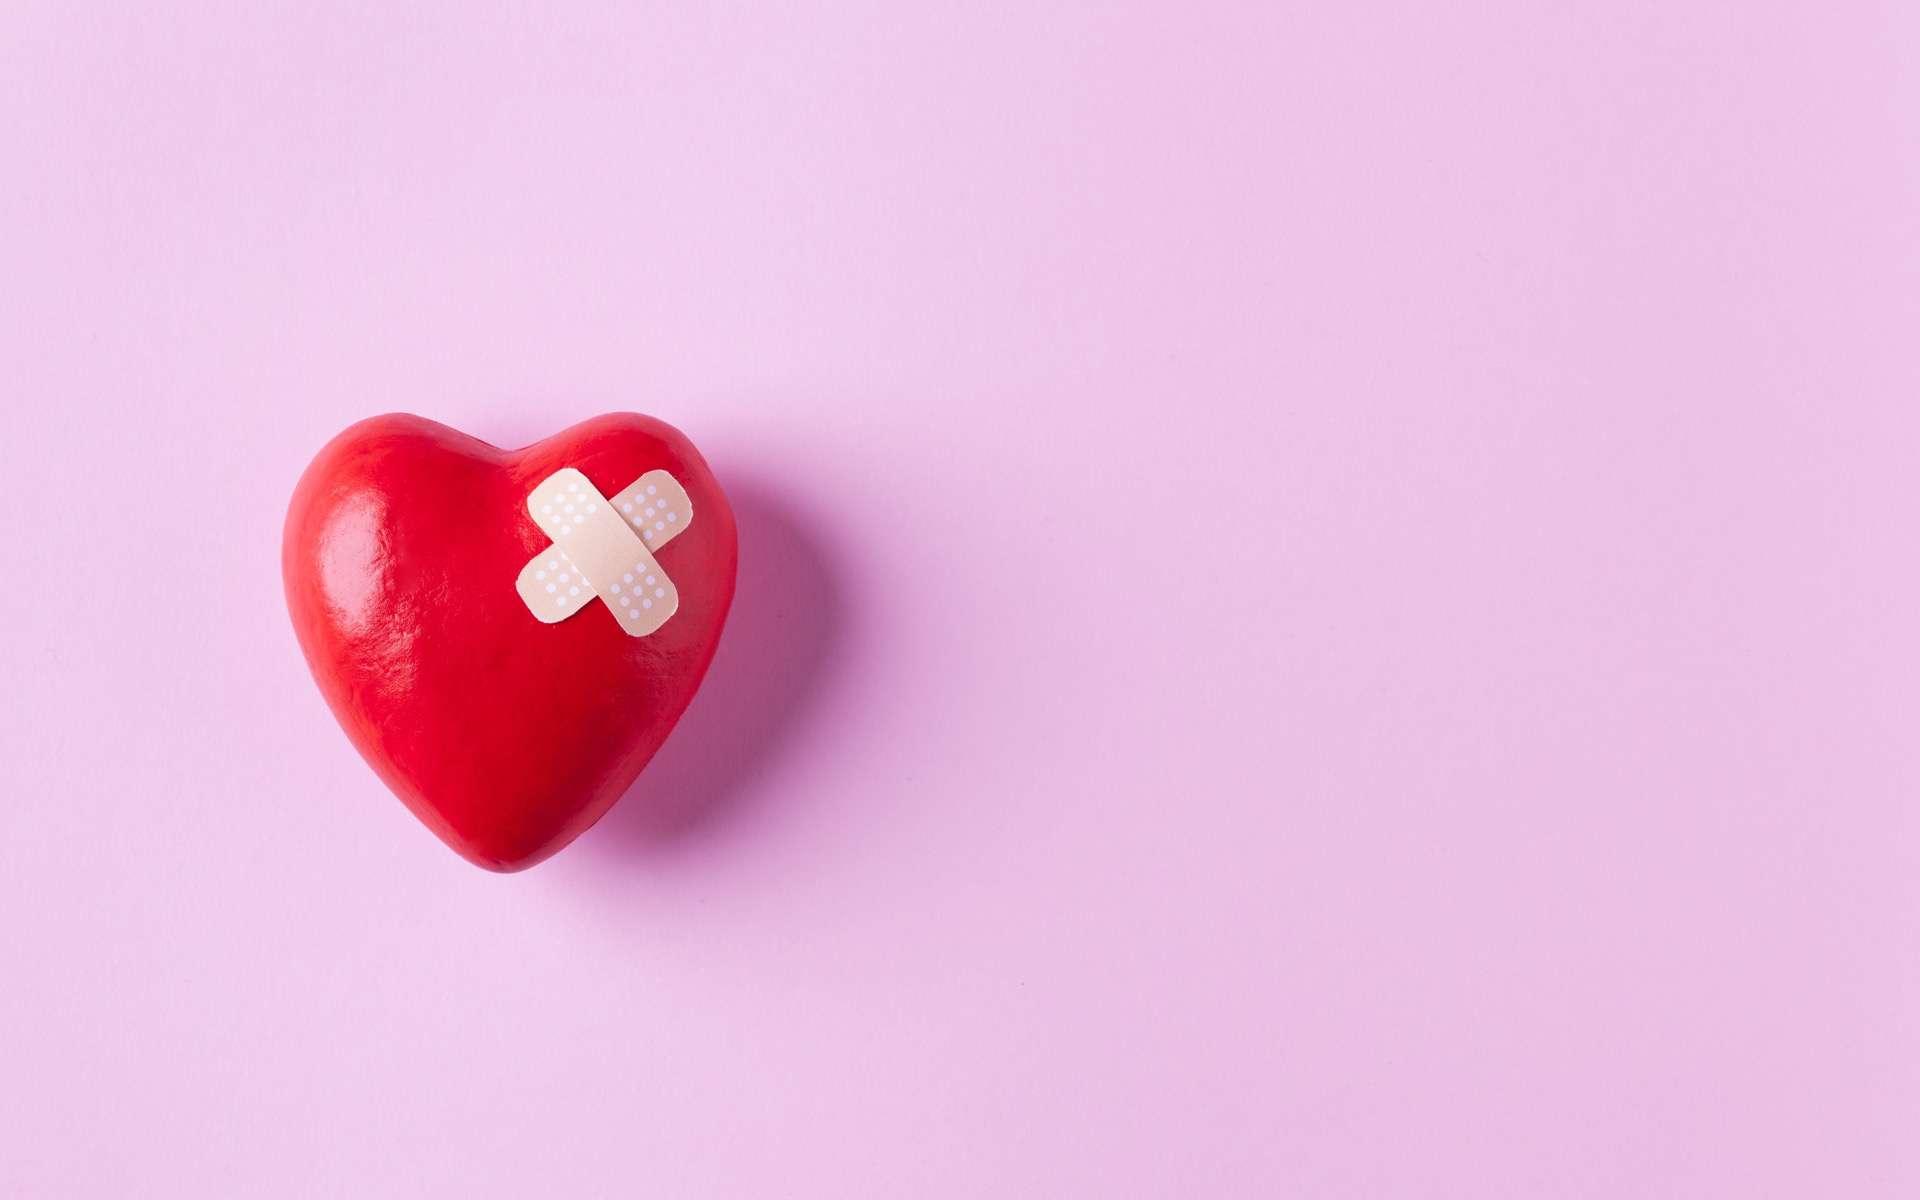 Le syndrome de Takotsubo, ou syndrôme du cœur brisé peut se déclencher à la suite d'un choc émotionnel. © dragonstock, Adobe Stock